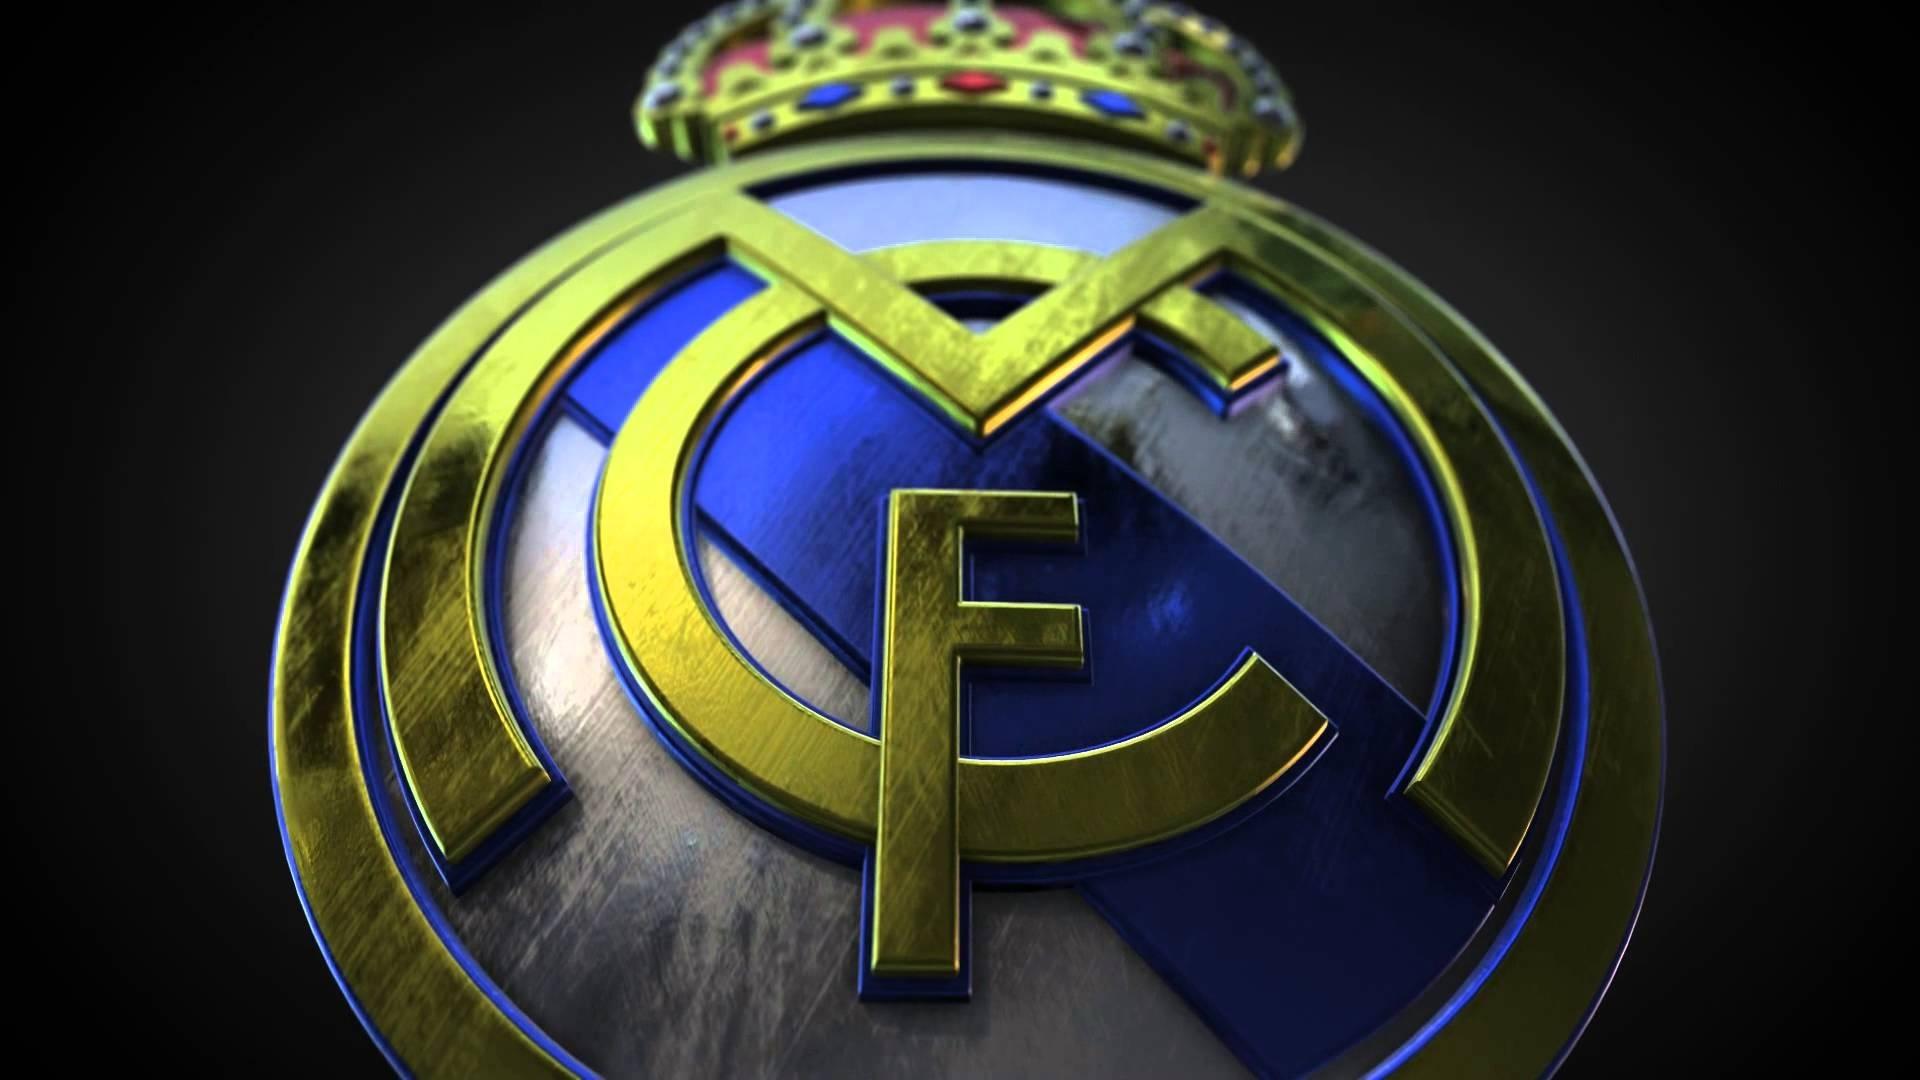 barcelona vs real madrid 3d - youtube